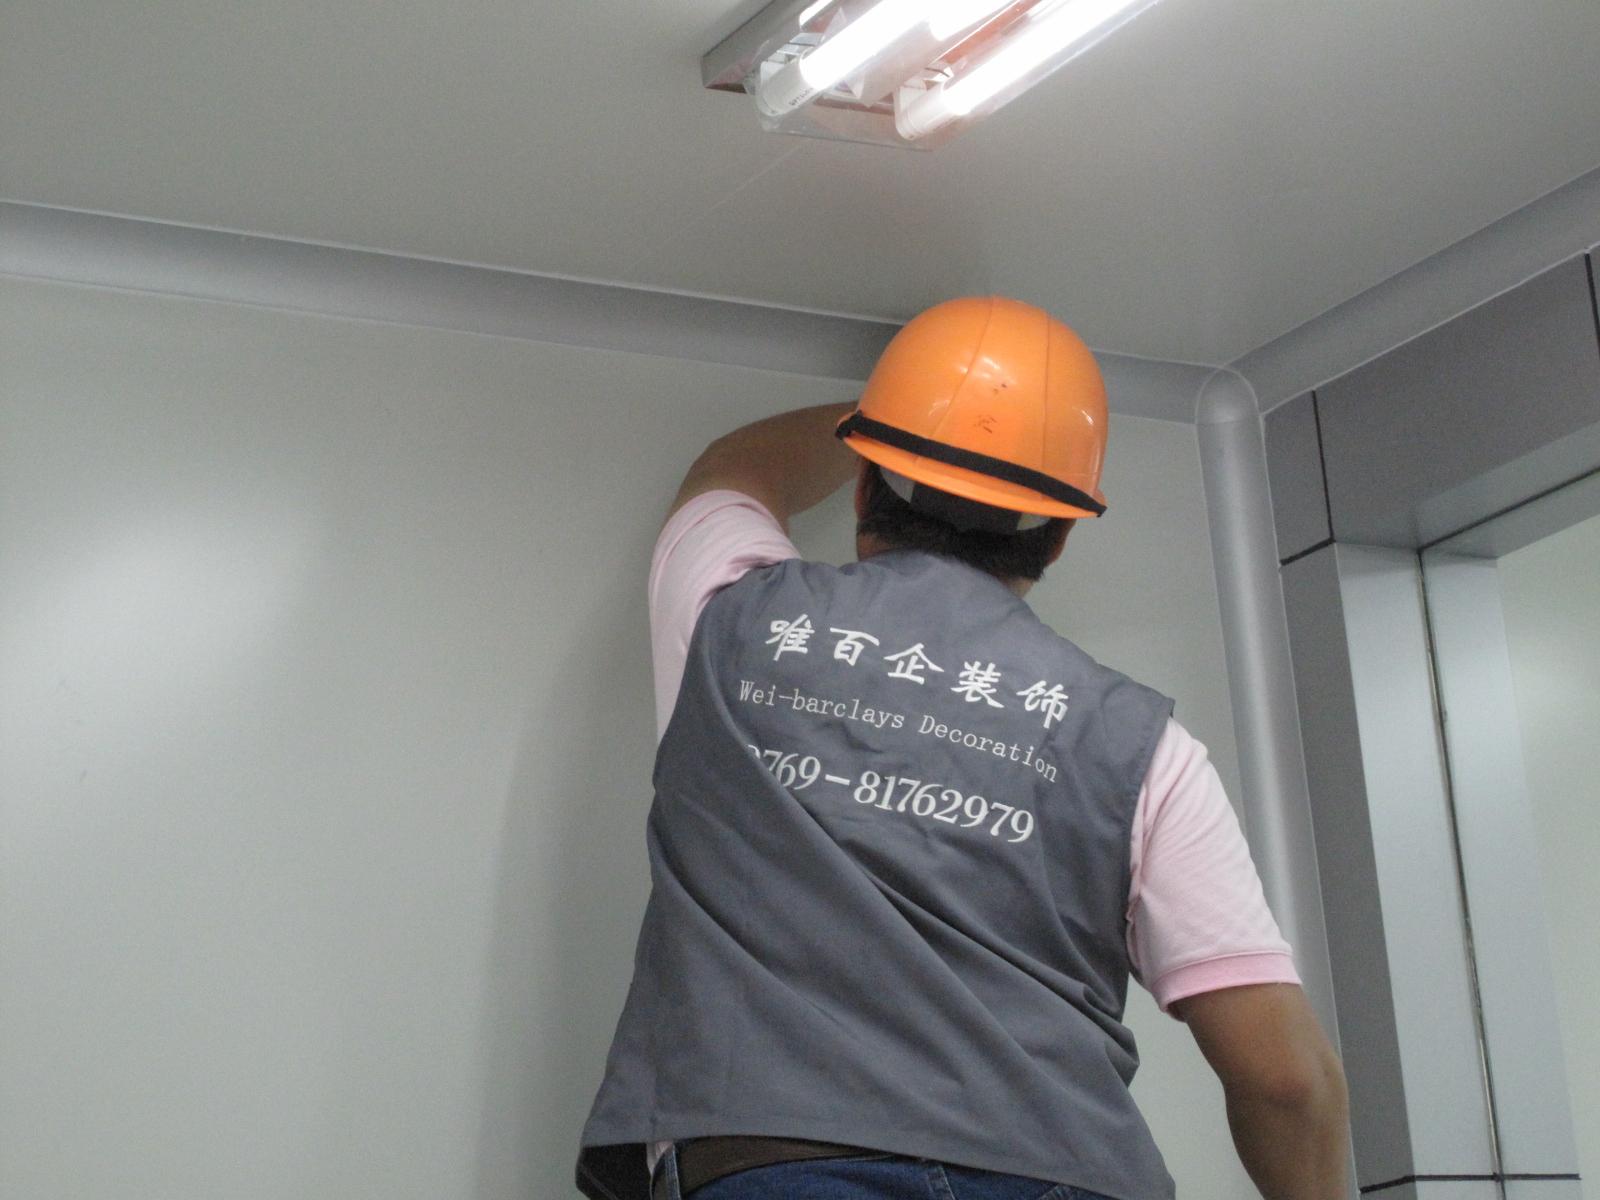 深圳廠房辦公室輕鋼龍骨石膏板隔墻安裝工程 防火防潮隔音效果好